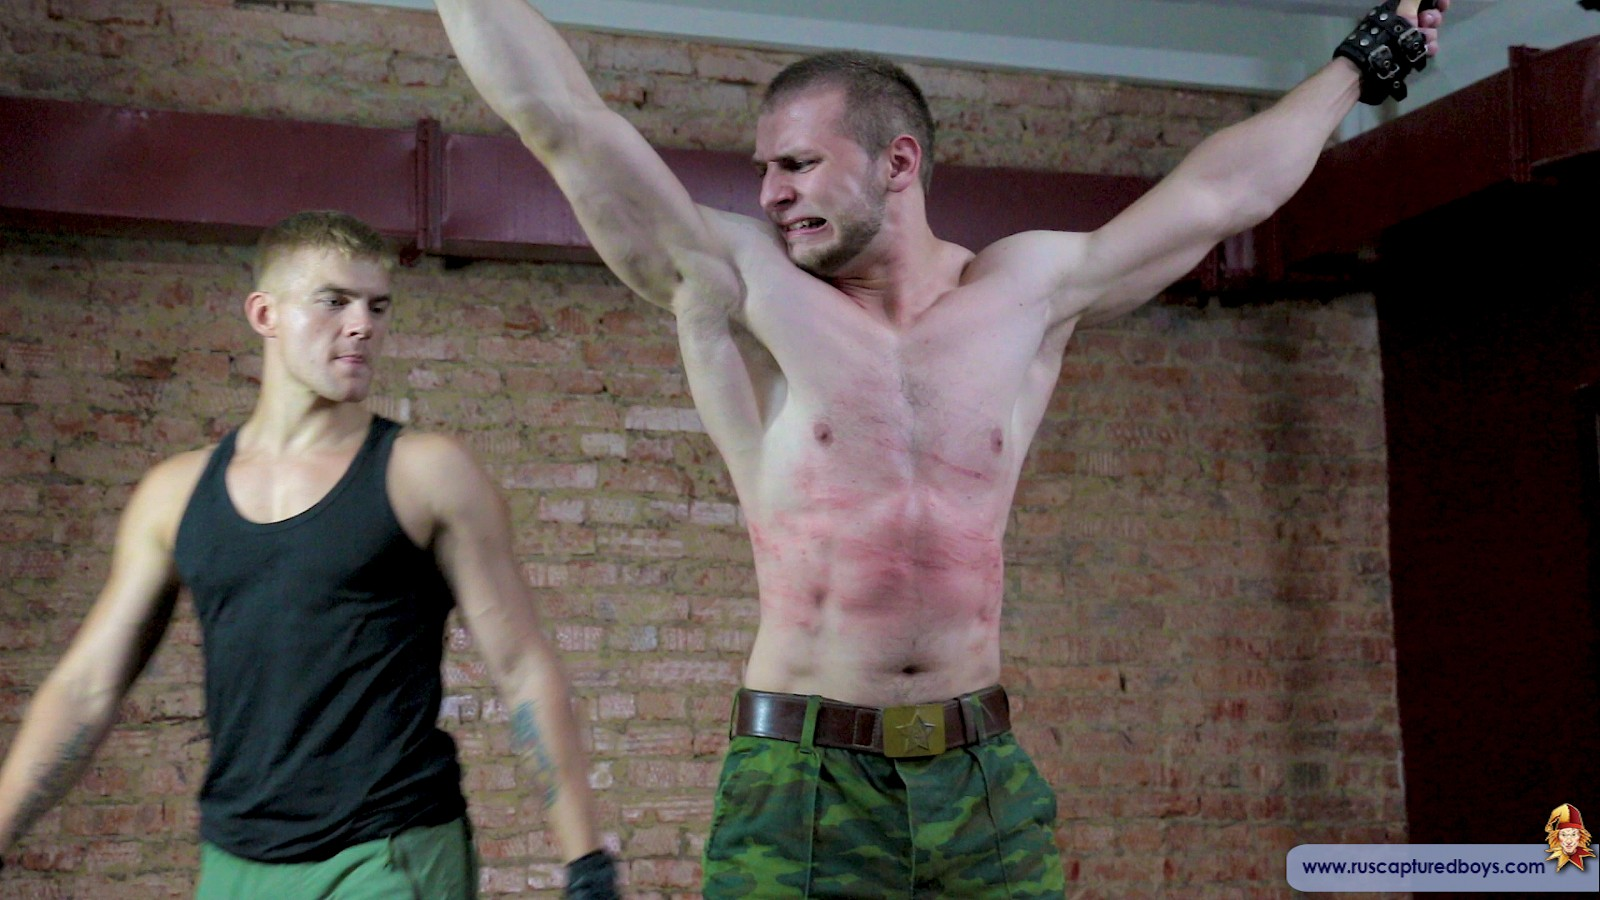 Sergeant Valentine experiences pain endurance